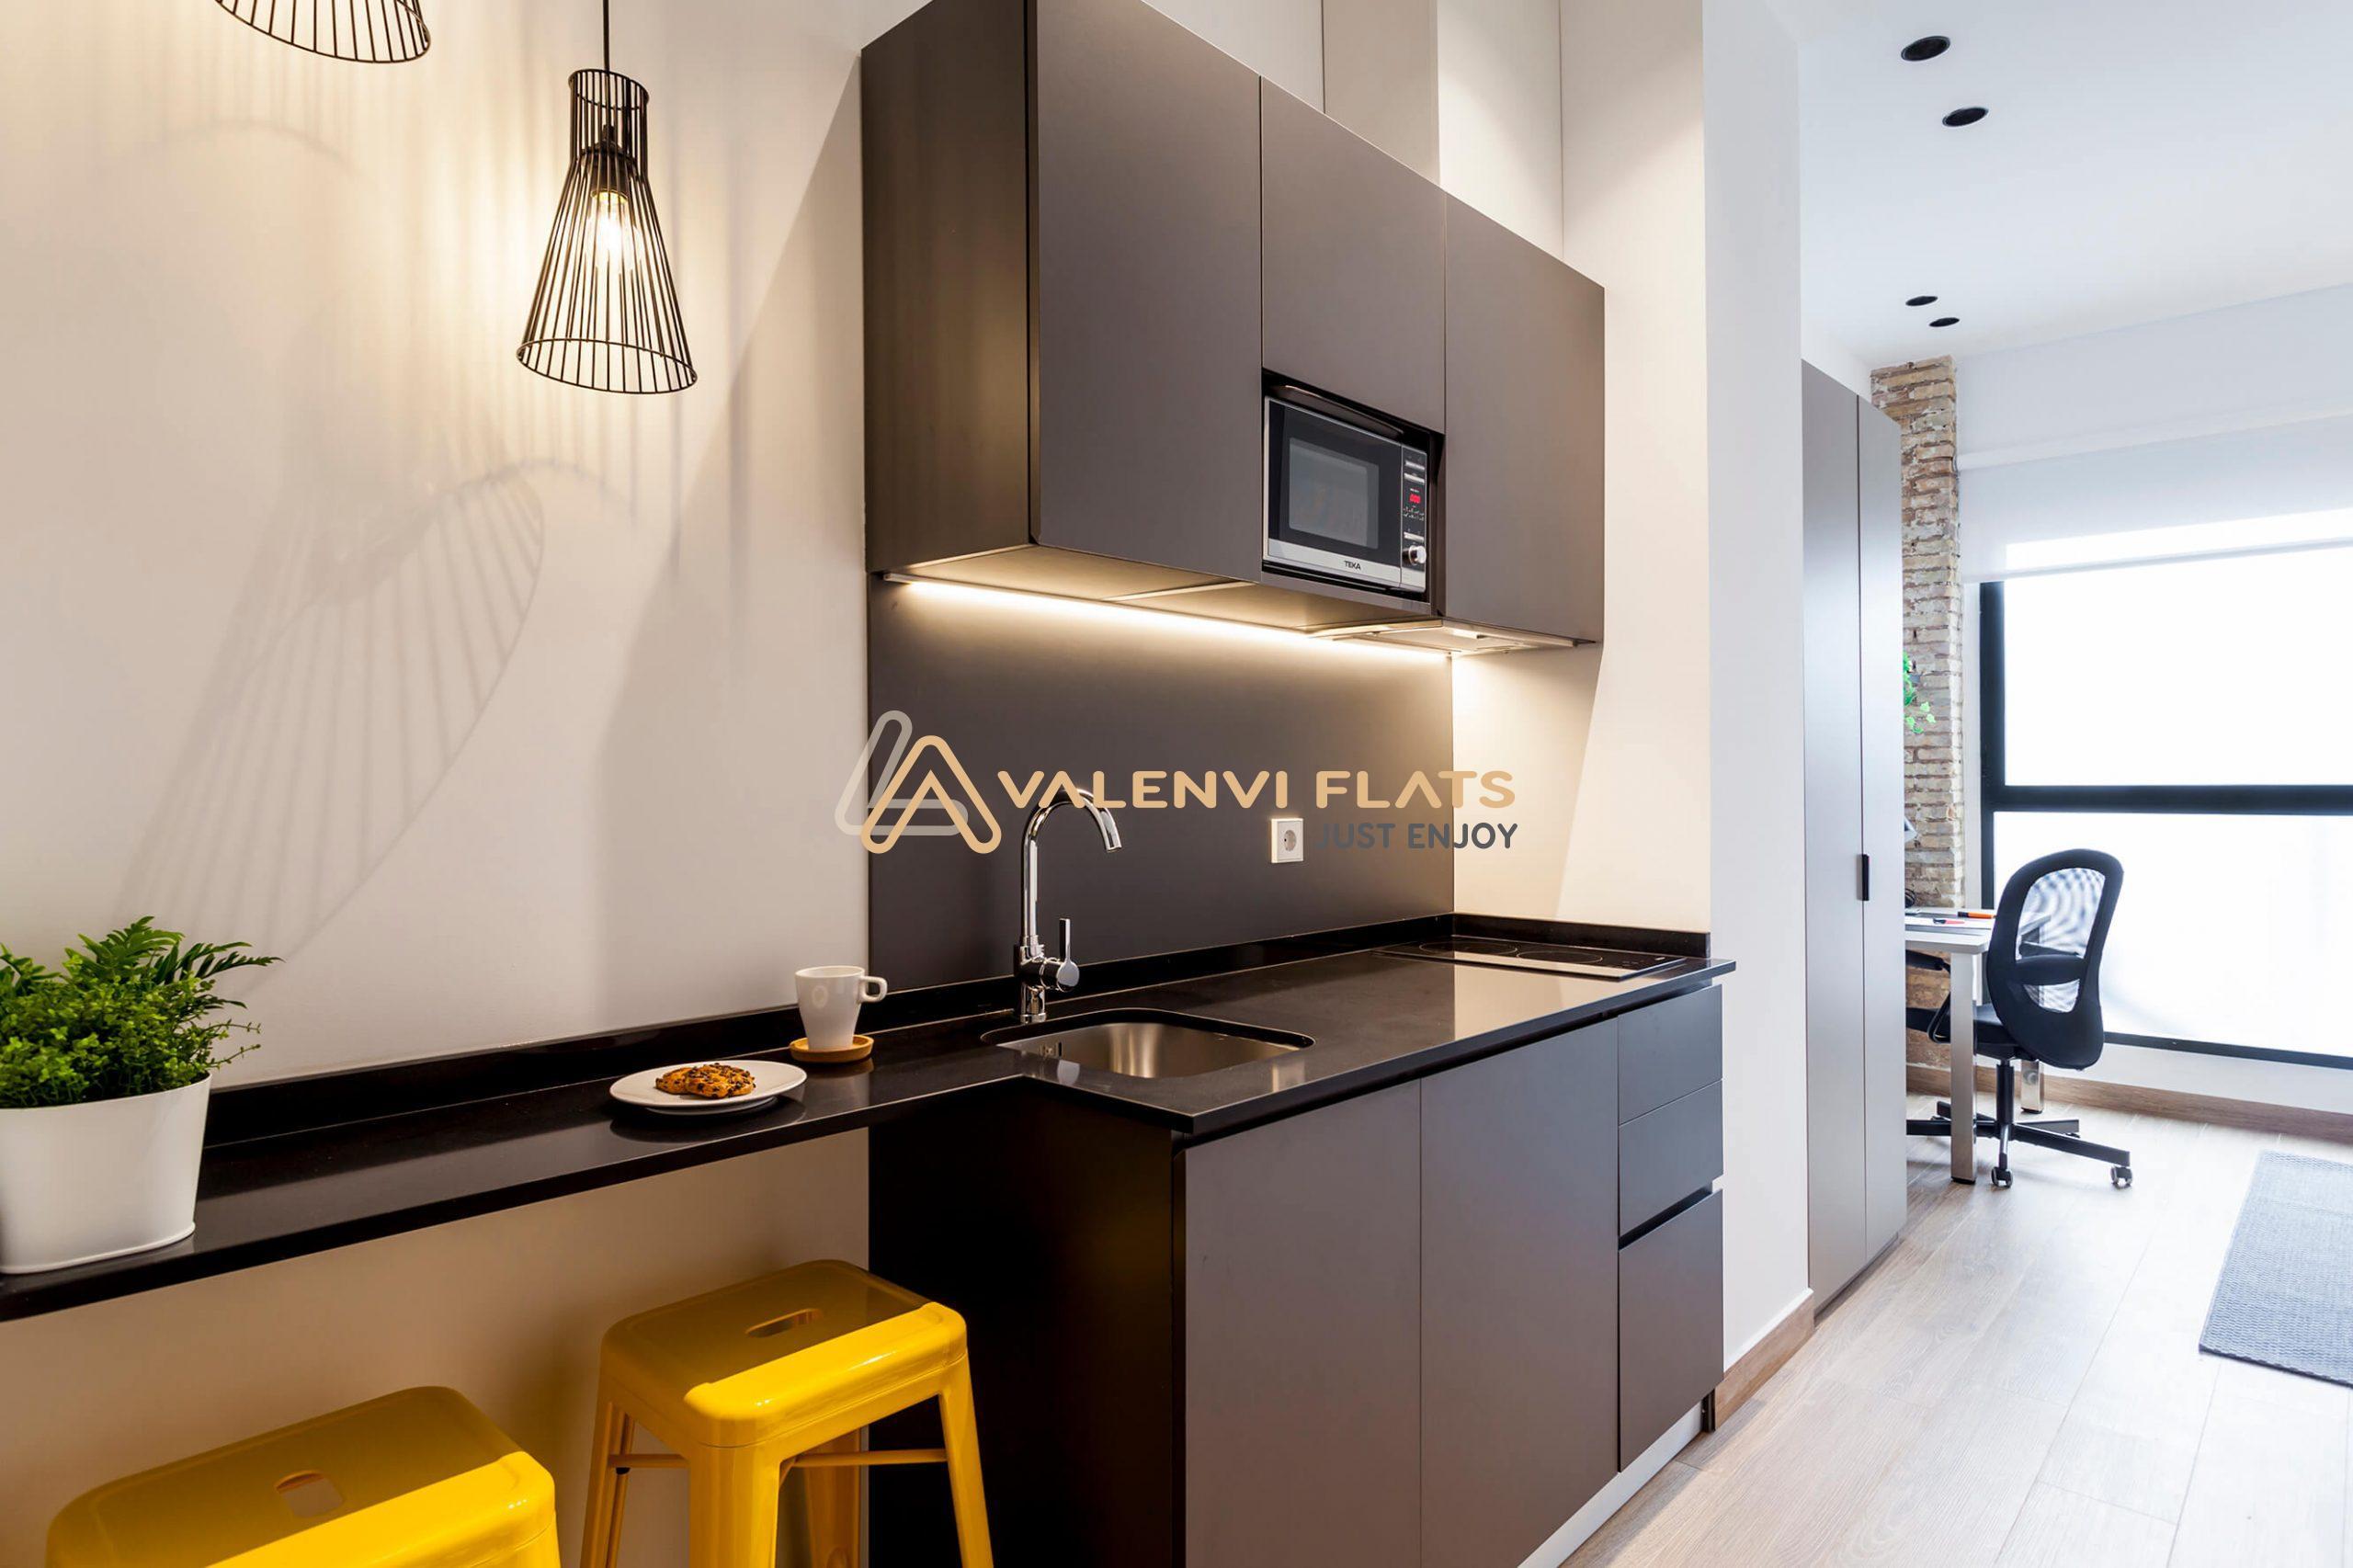 Primer plano de la cocina office equipada con electrodomésticos con los taburetes y la barra americana y al fondo el escritorio y la silla